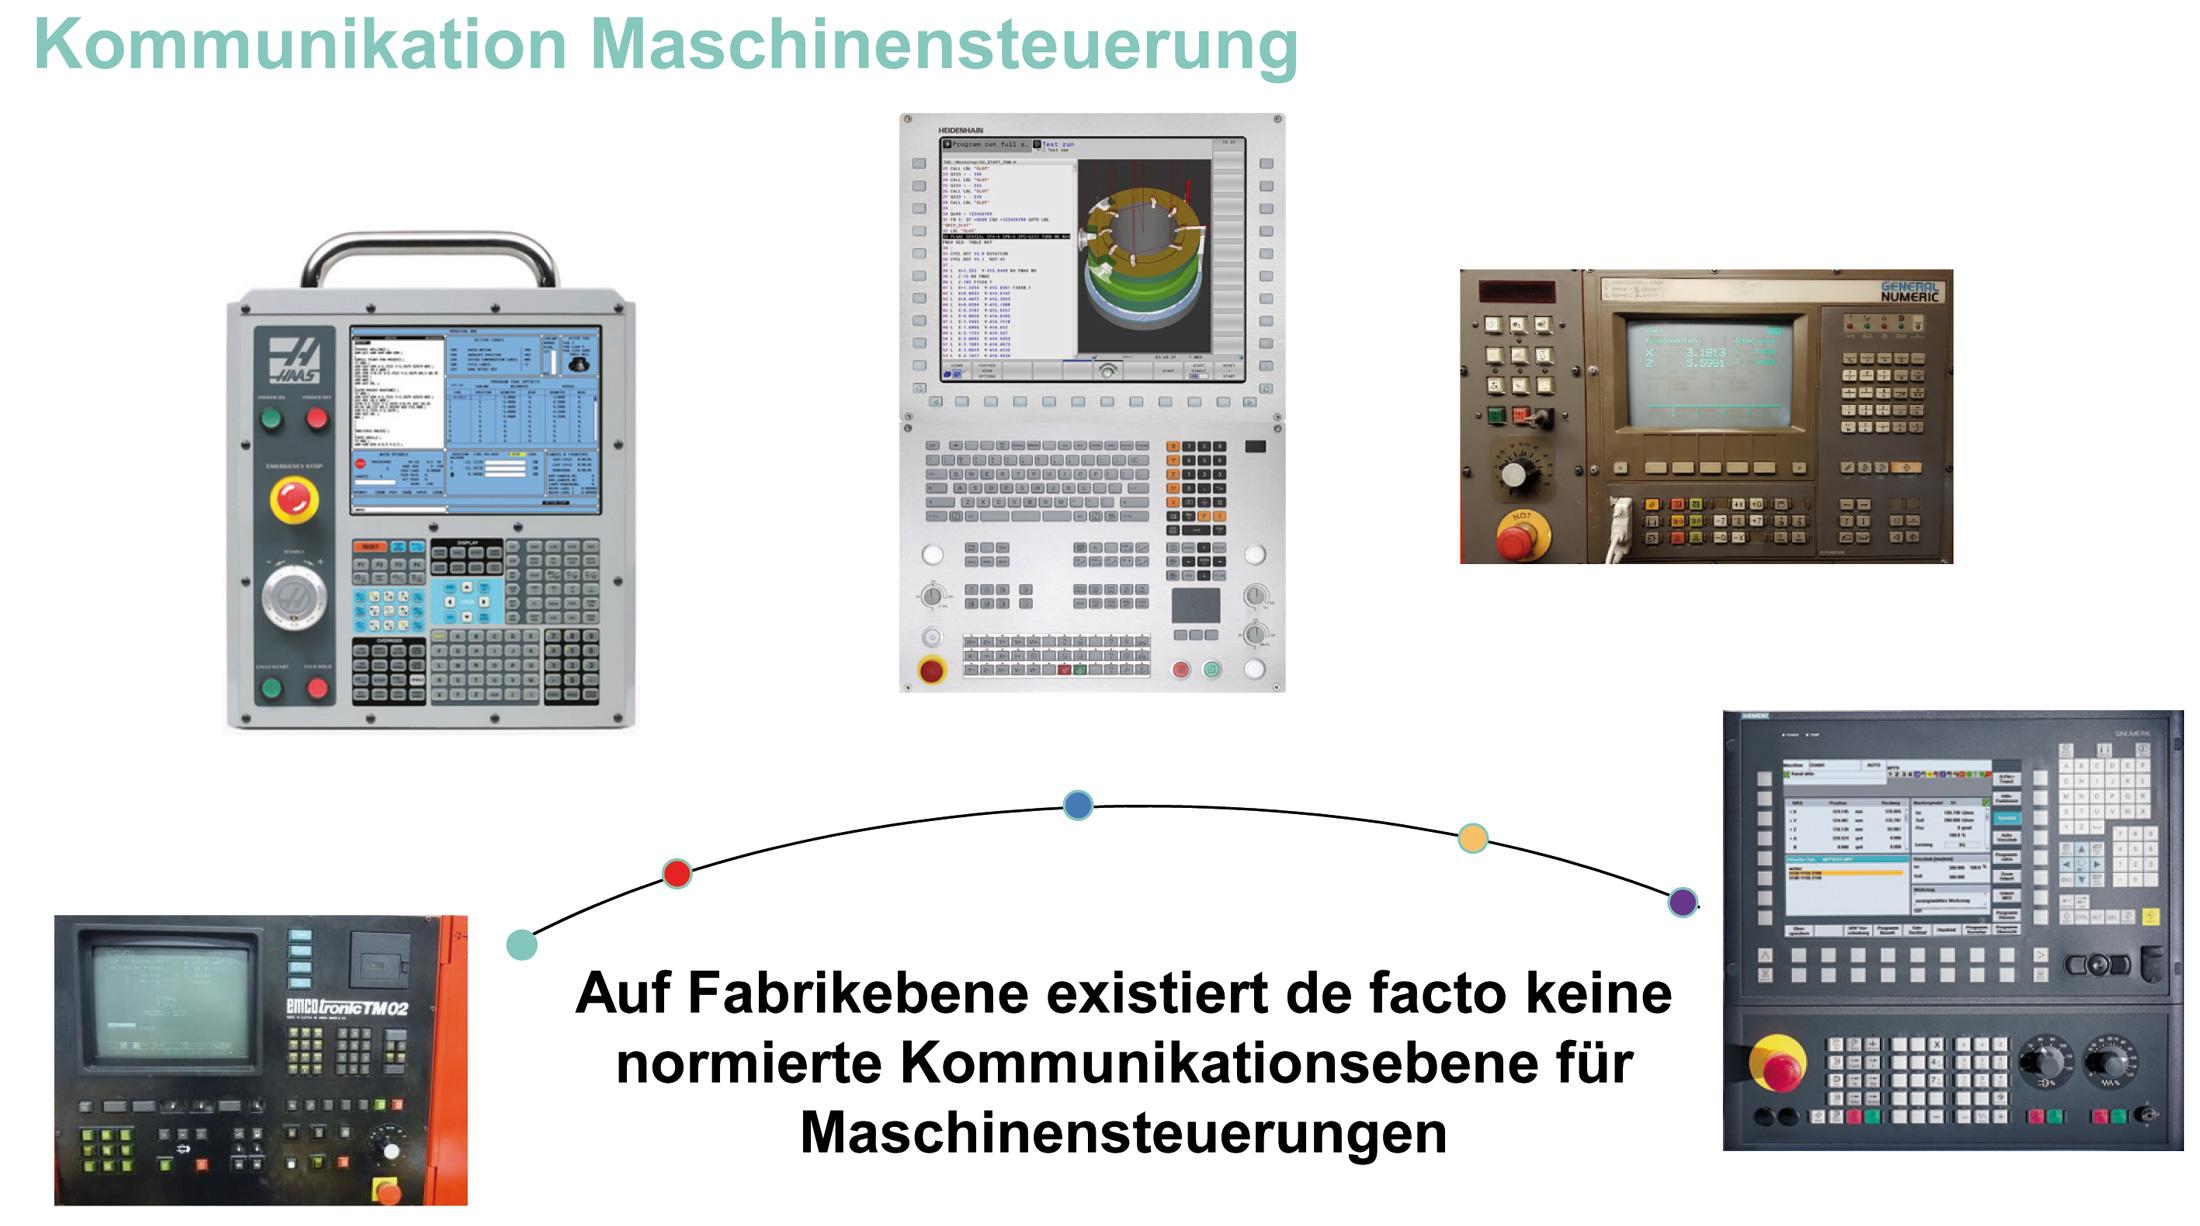 Kommunikation Maschinensteuerung